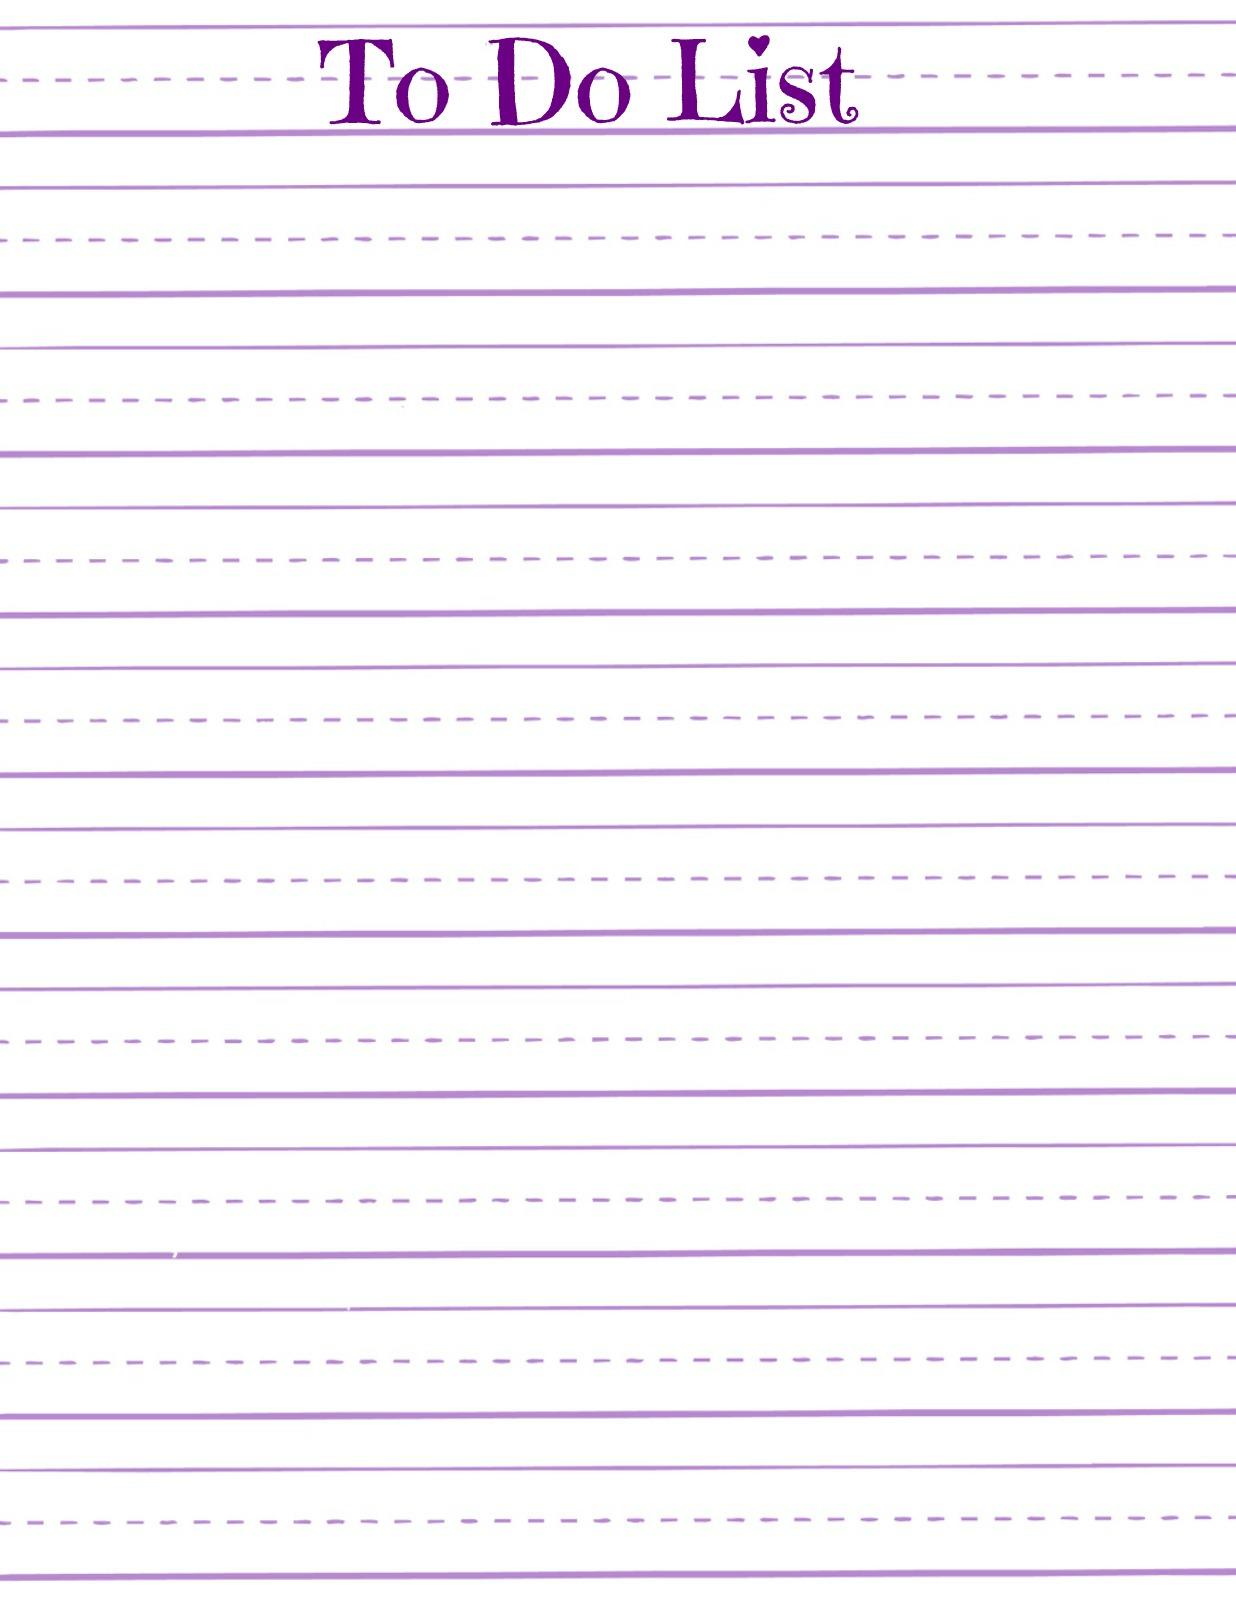 printable to do list templates .